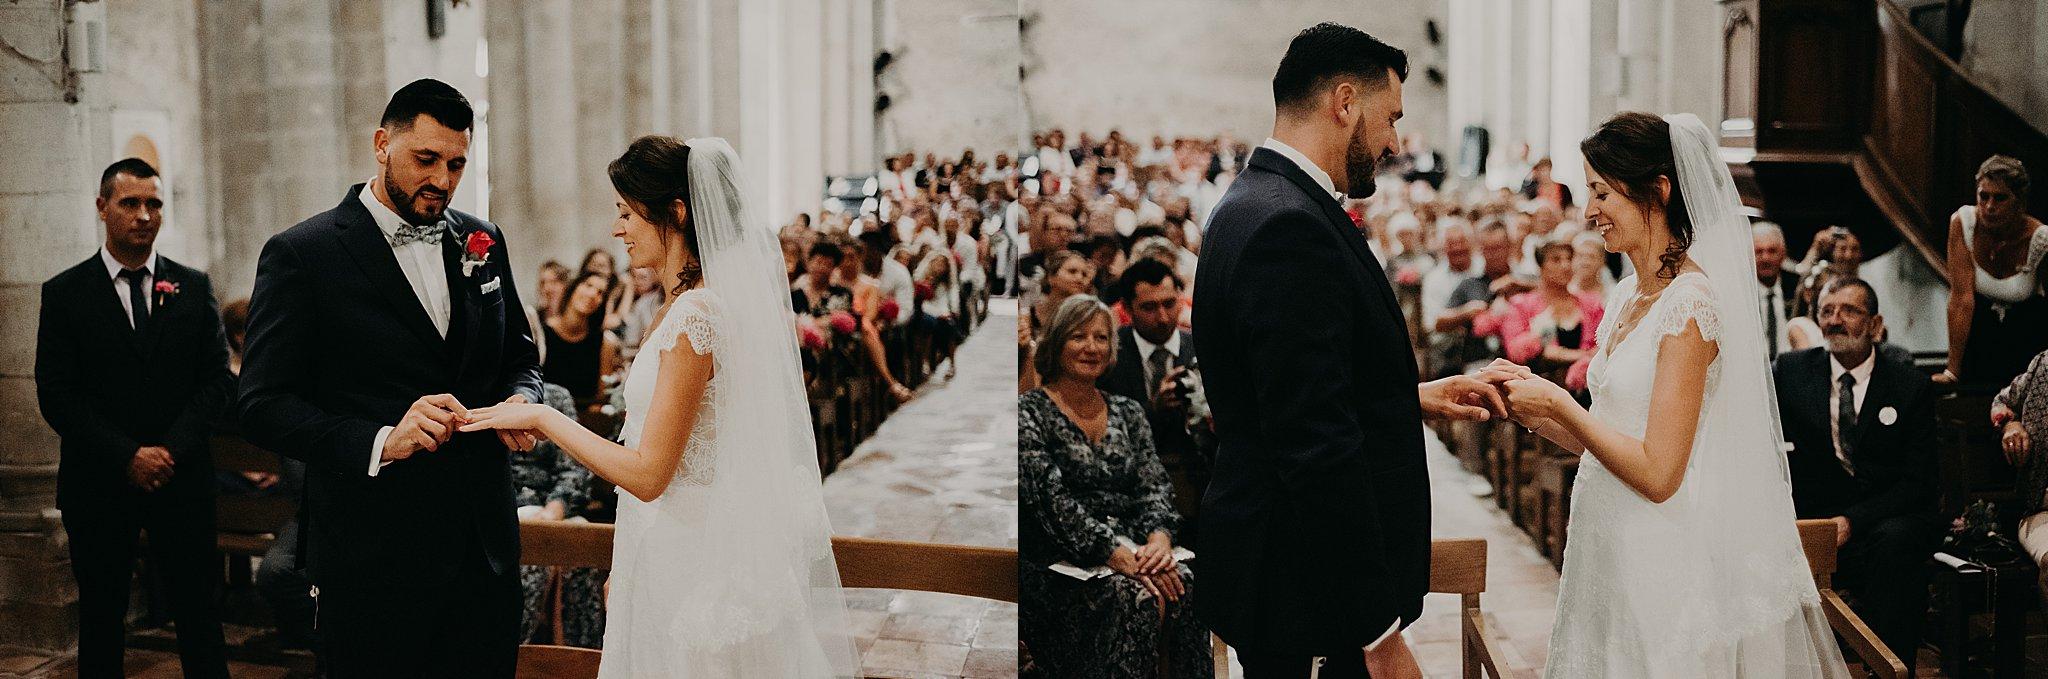 mariage bordeaux, photographe mariage Bordeaux, passage alliances